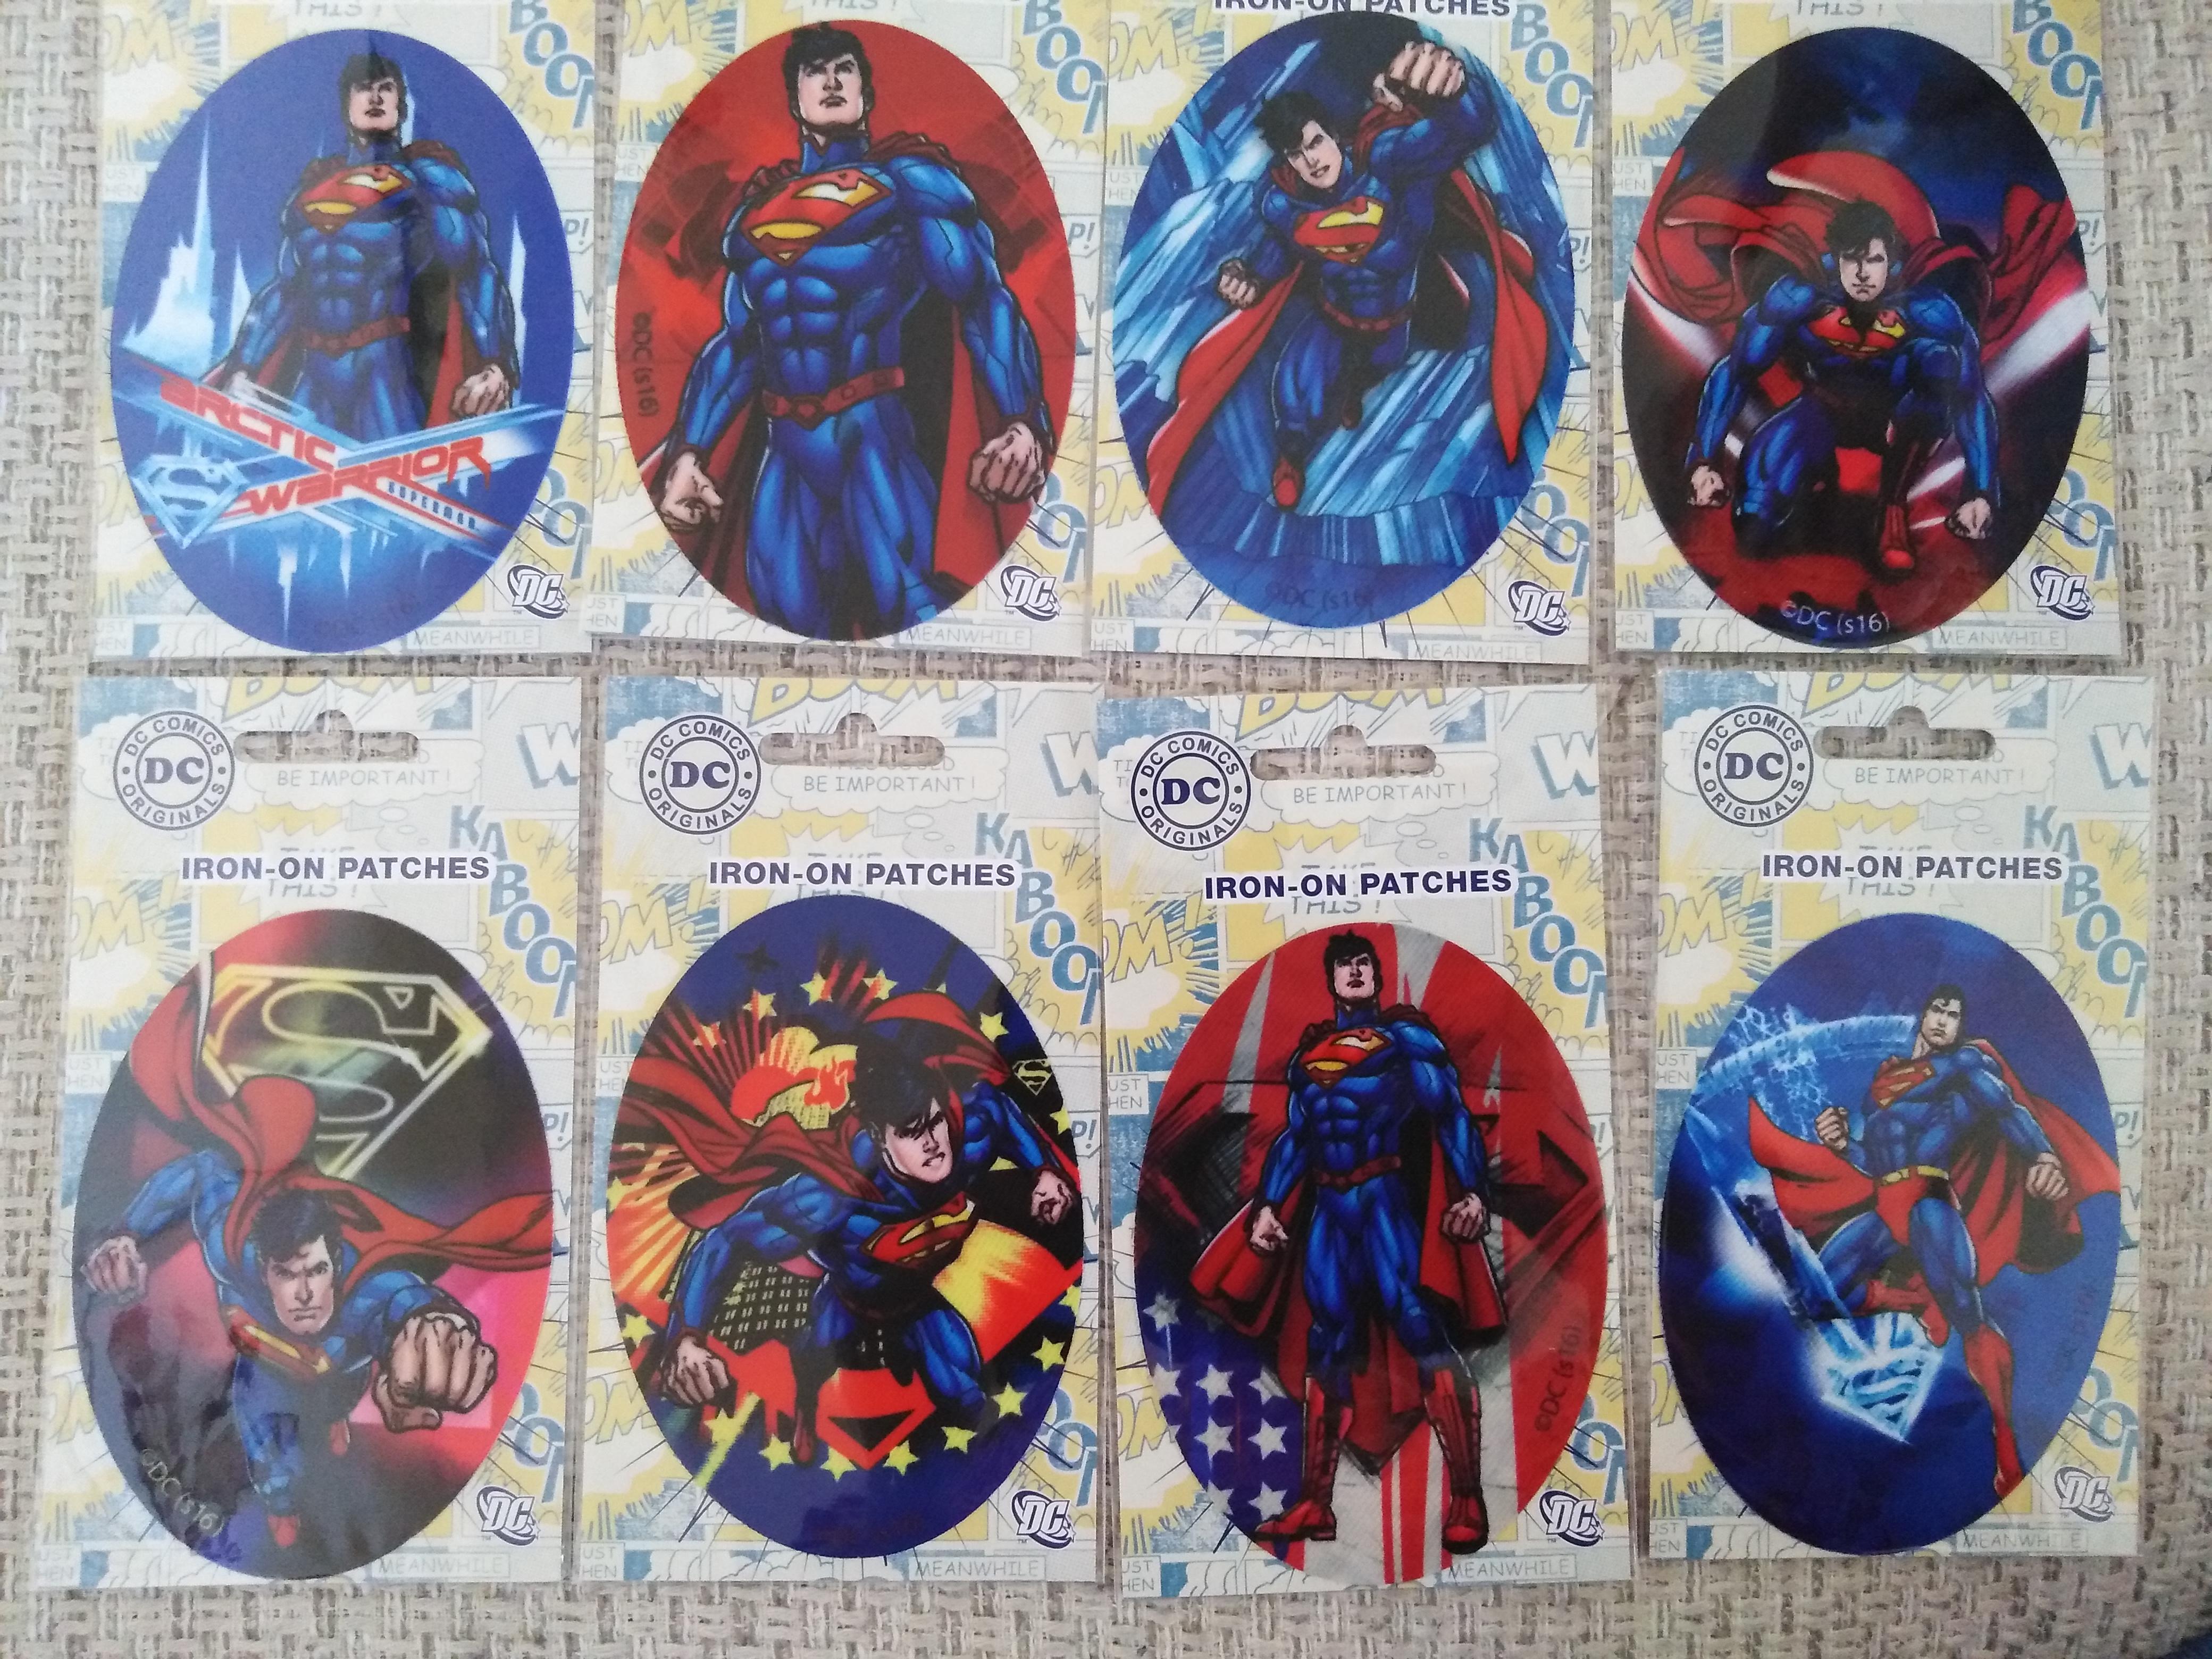 Záplaty nažehlovací Disney Superman